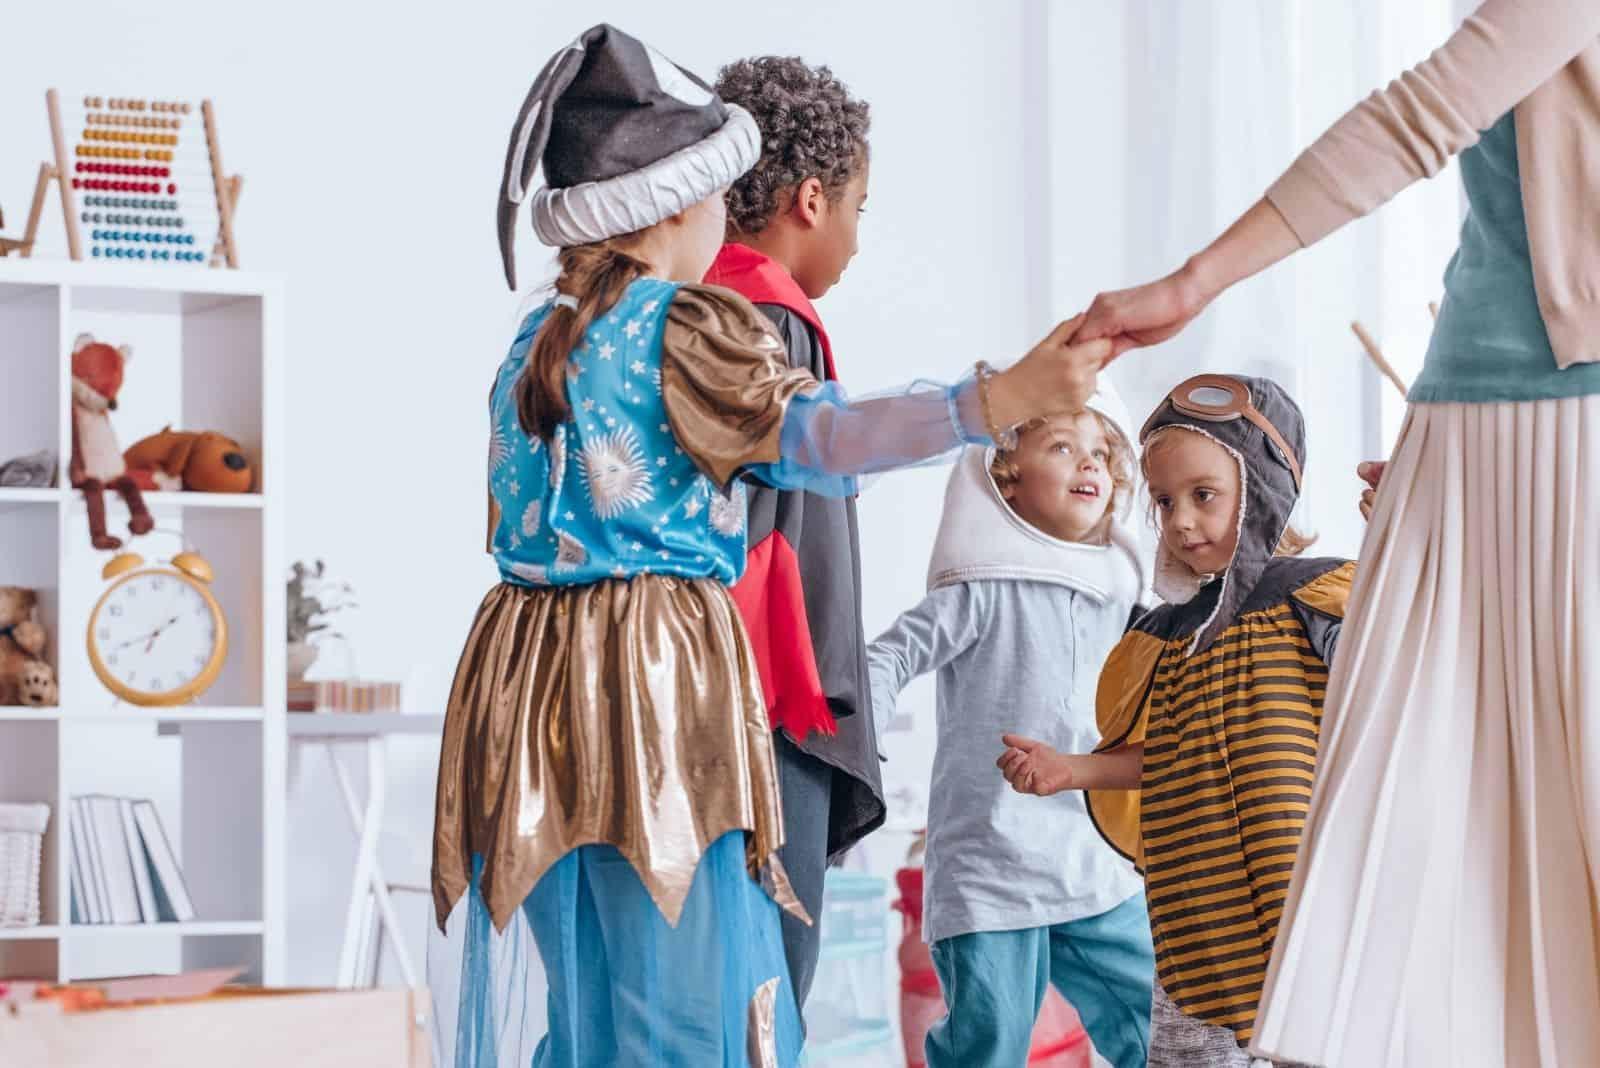 Kinder in Kostümen spielen und Händchen halten im Klassenzimmer